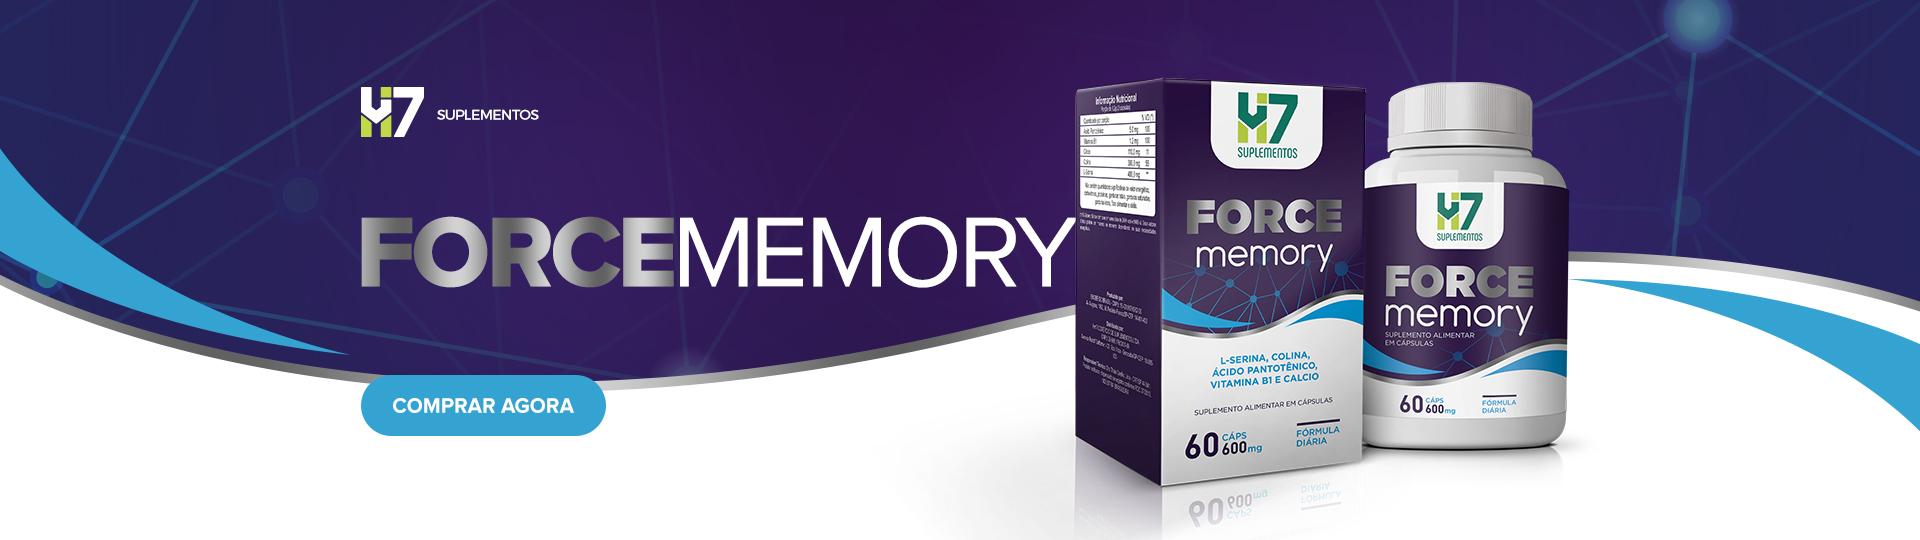 Force Memory